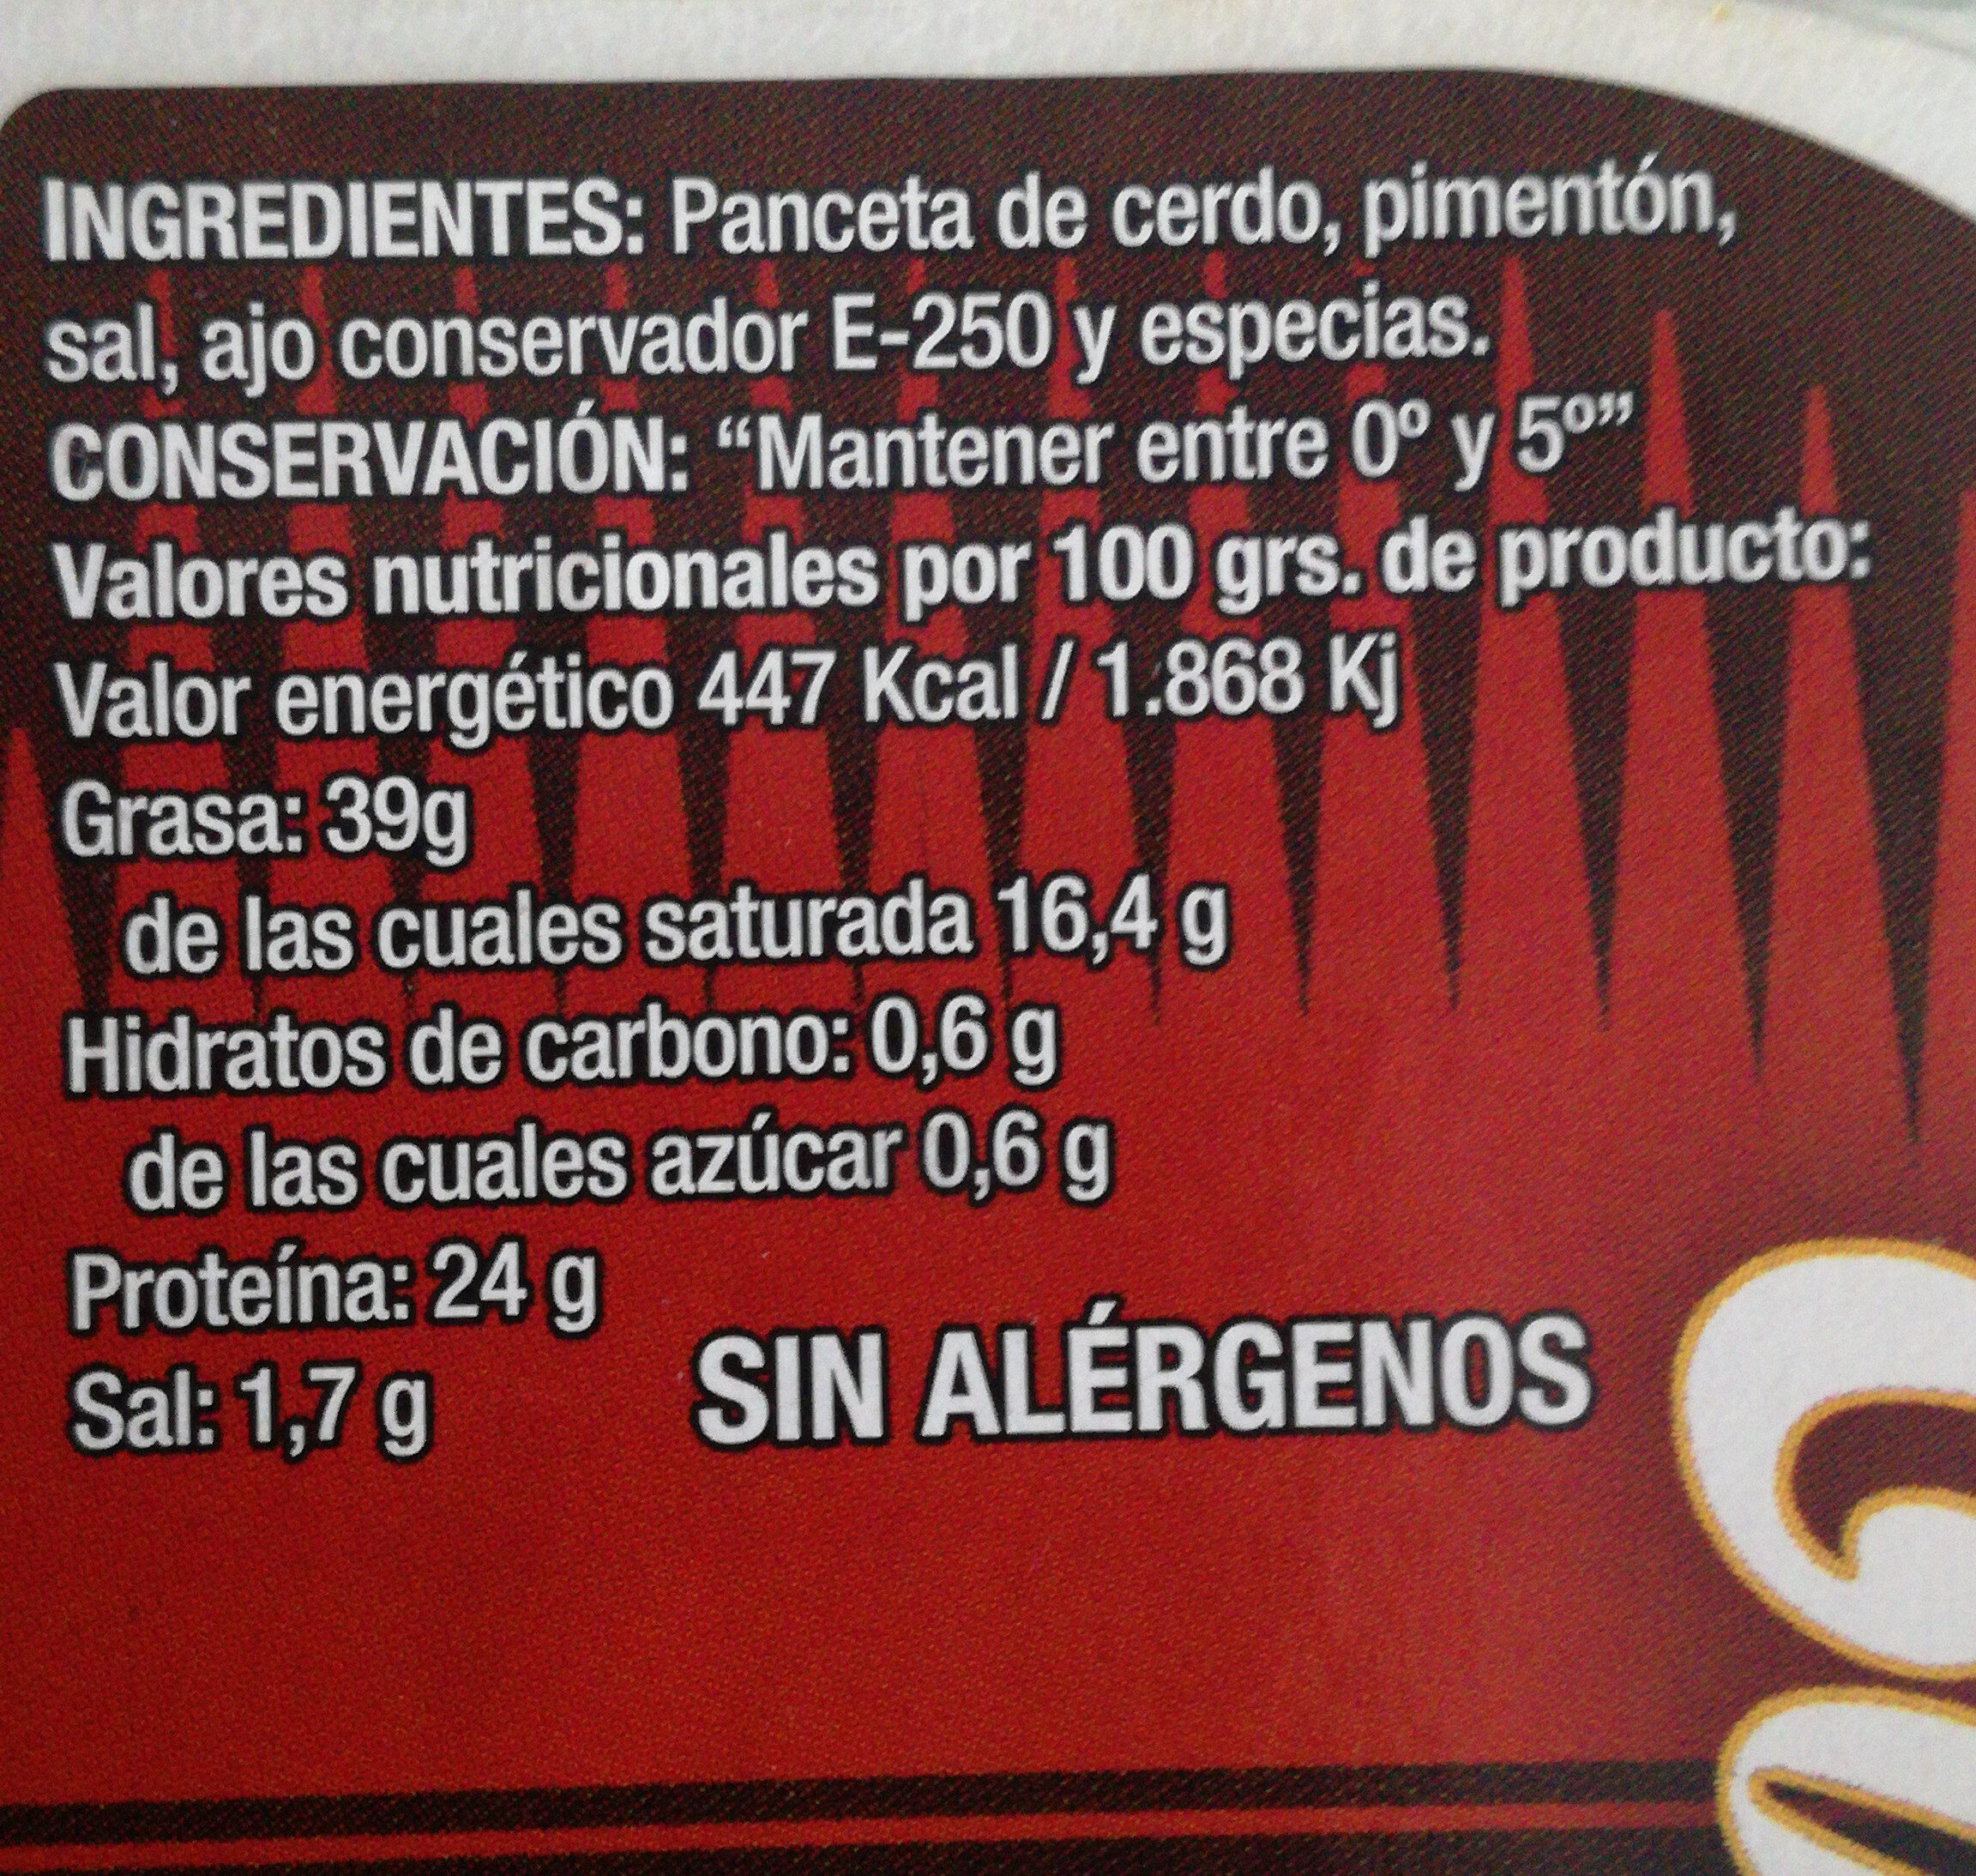 Torreznos la despensa - Ingredients - es